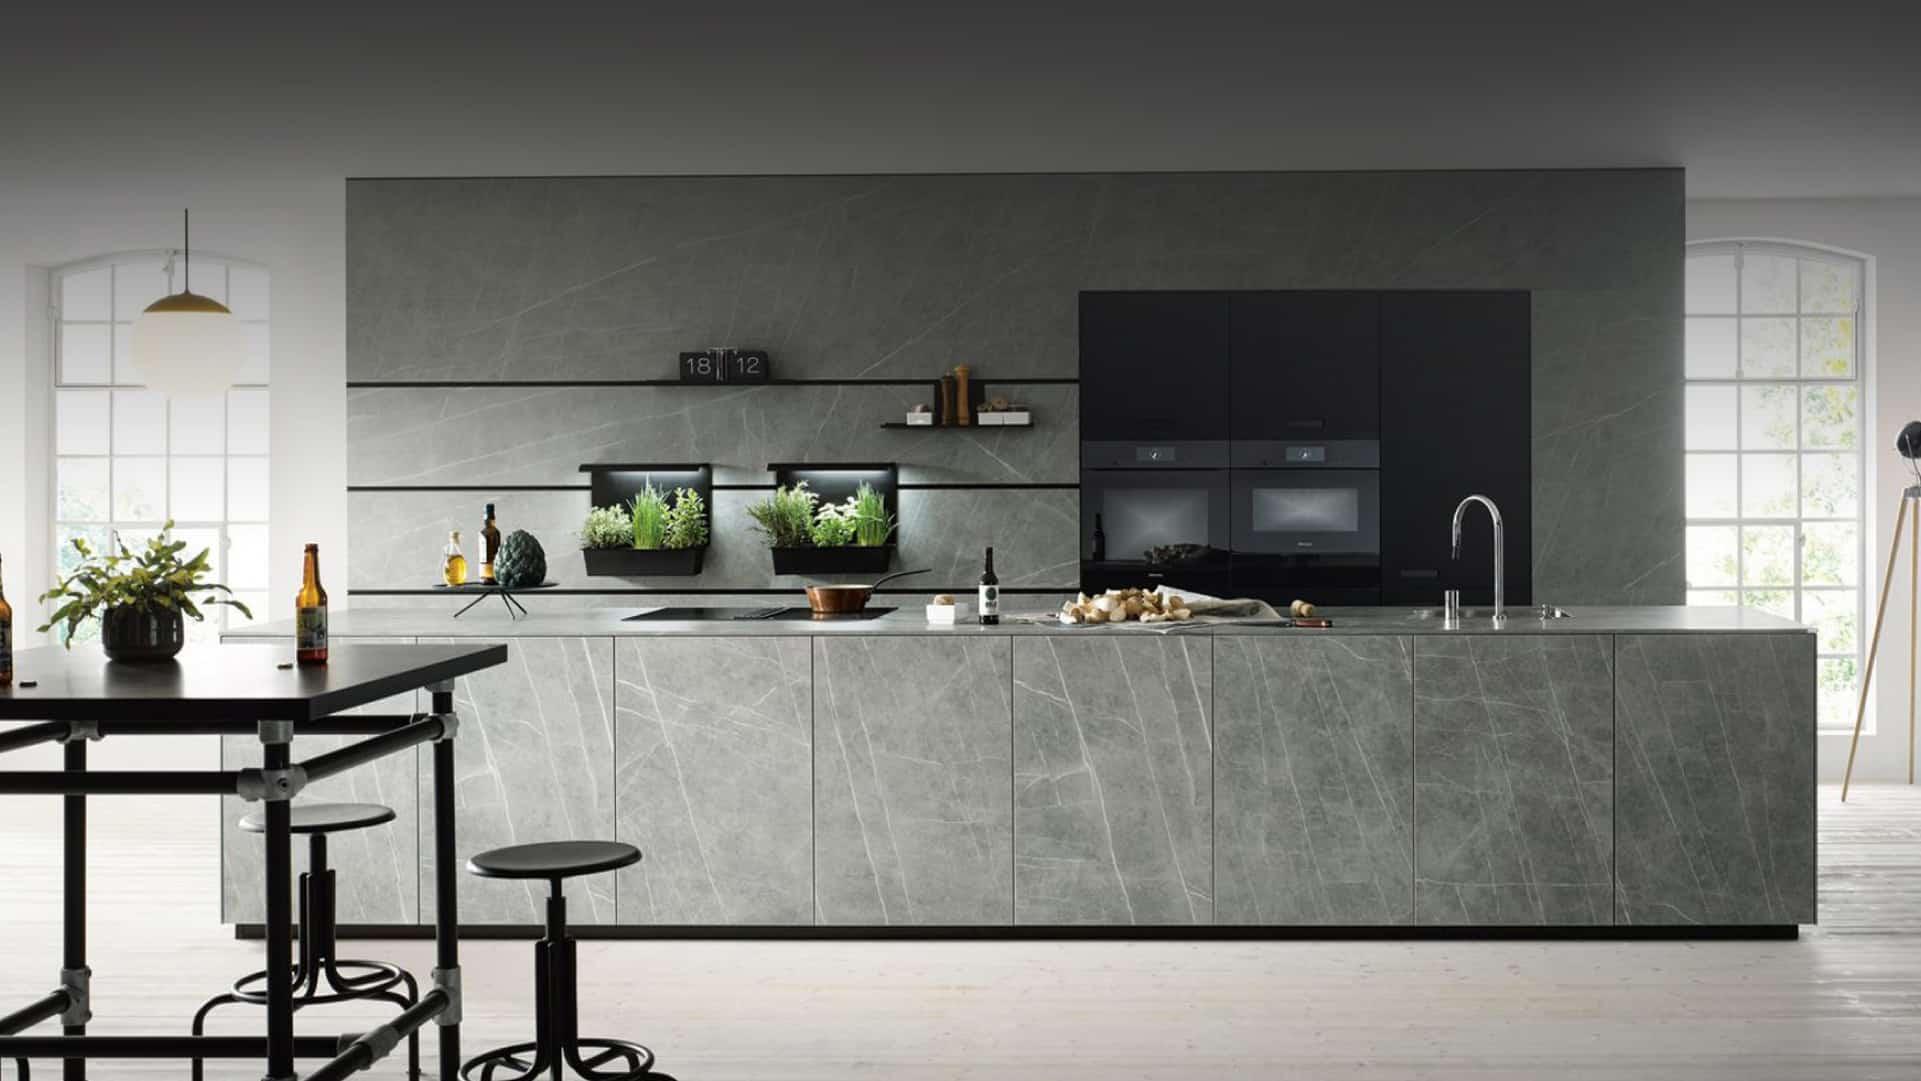 دکوراسیون آشپزخانه با رنگ تیره